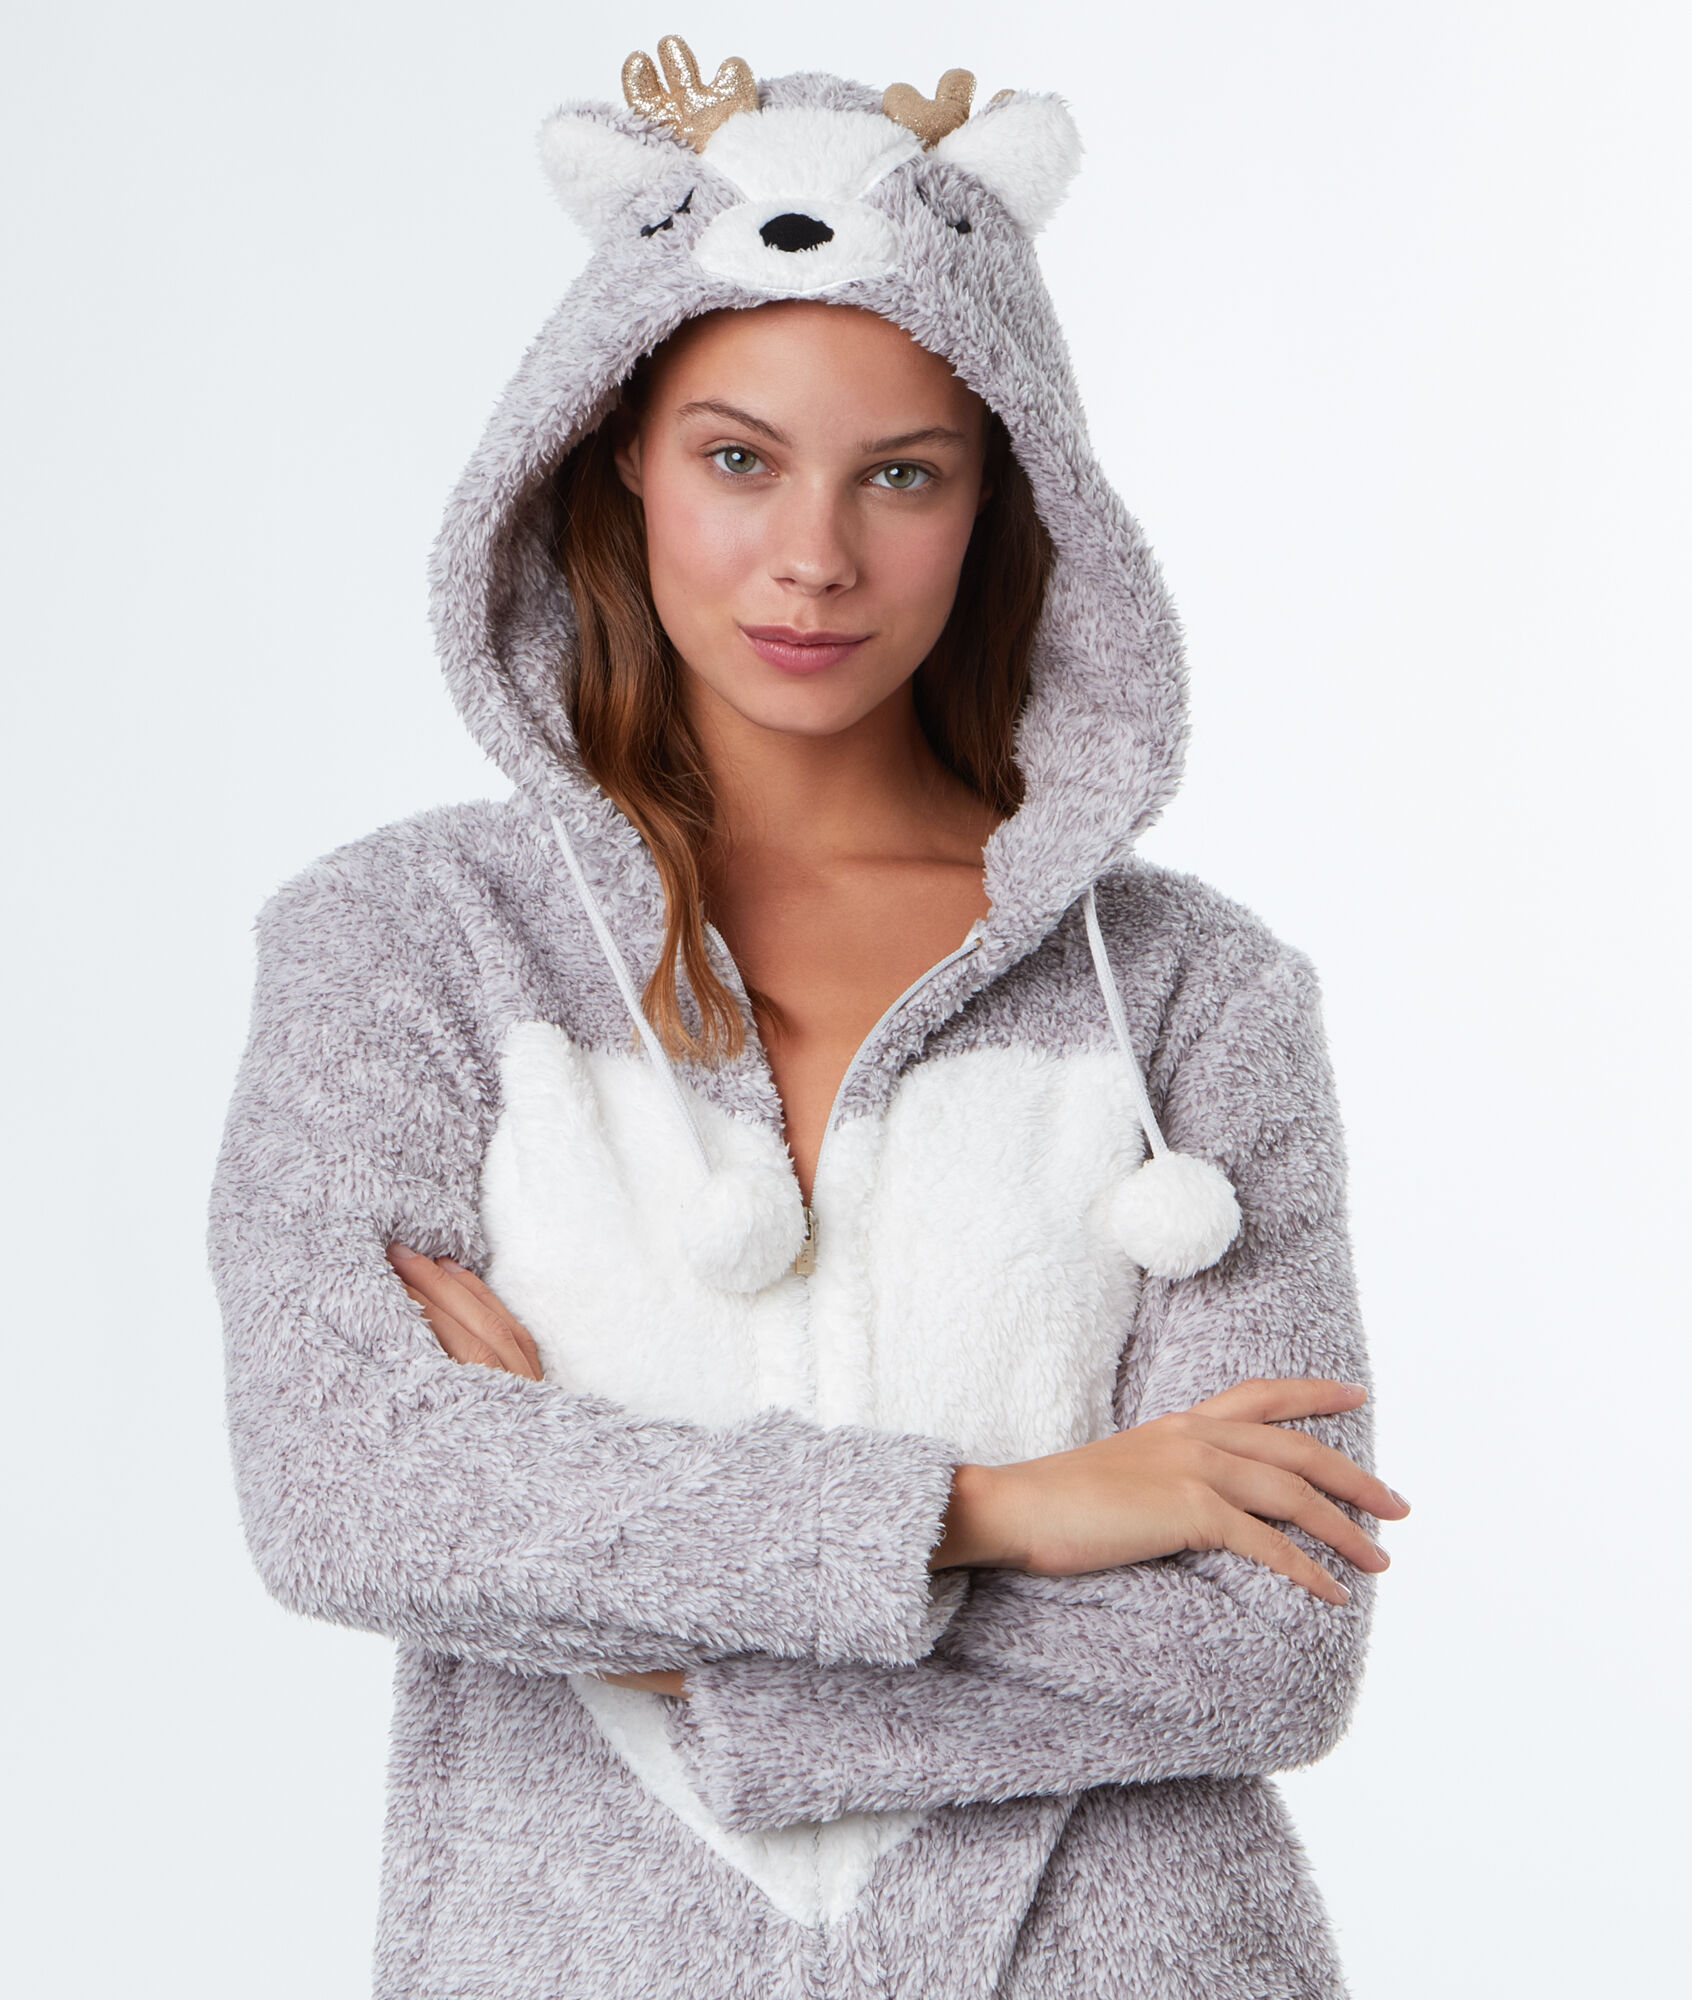 en soldes 9ad3f fa9d8 Cerf Gris Pyjama Combinaison Etam Agrippine Mvn8wo0n wOXkZPiuT